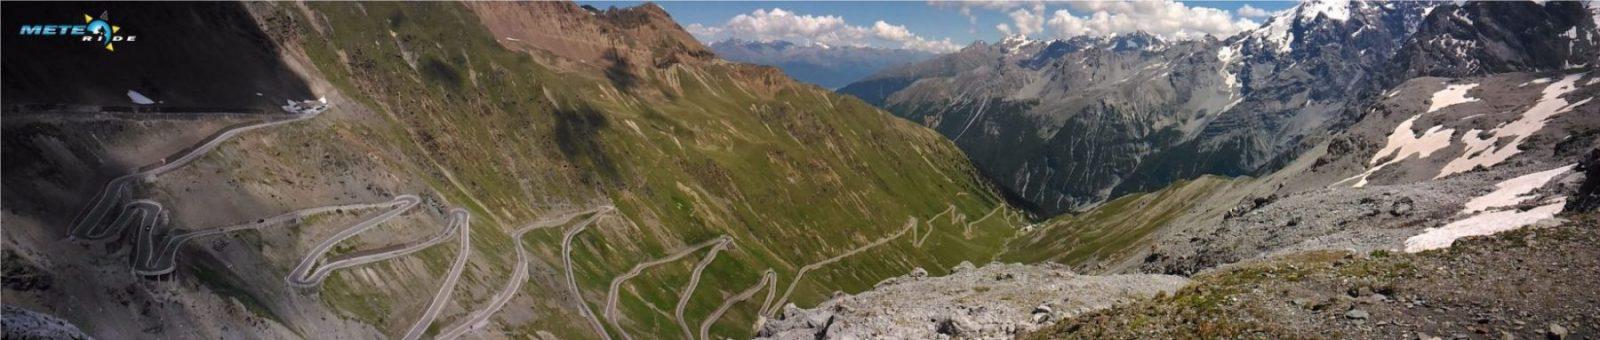 Проходът Стелвио - Passo dello Stelvio